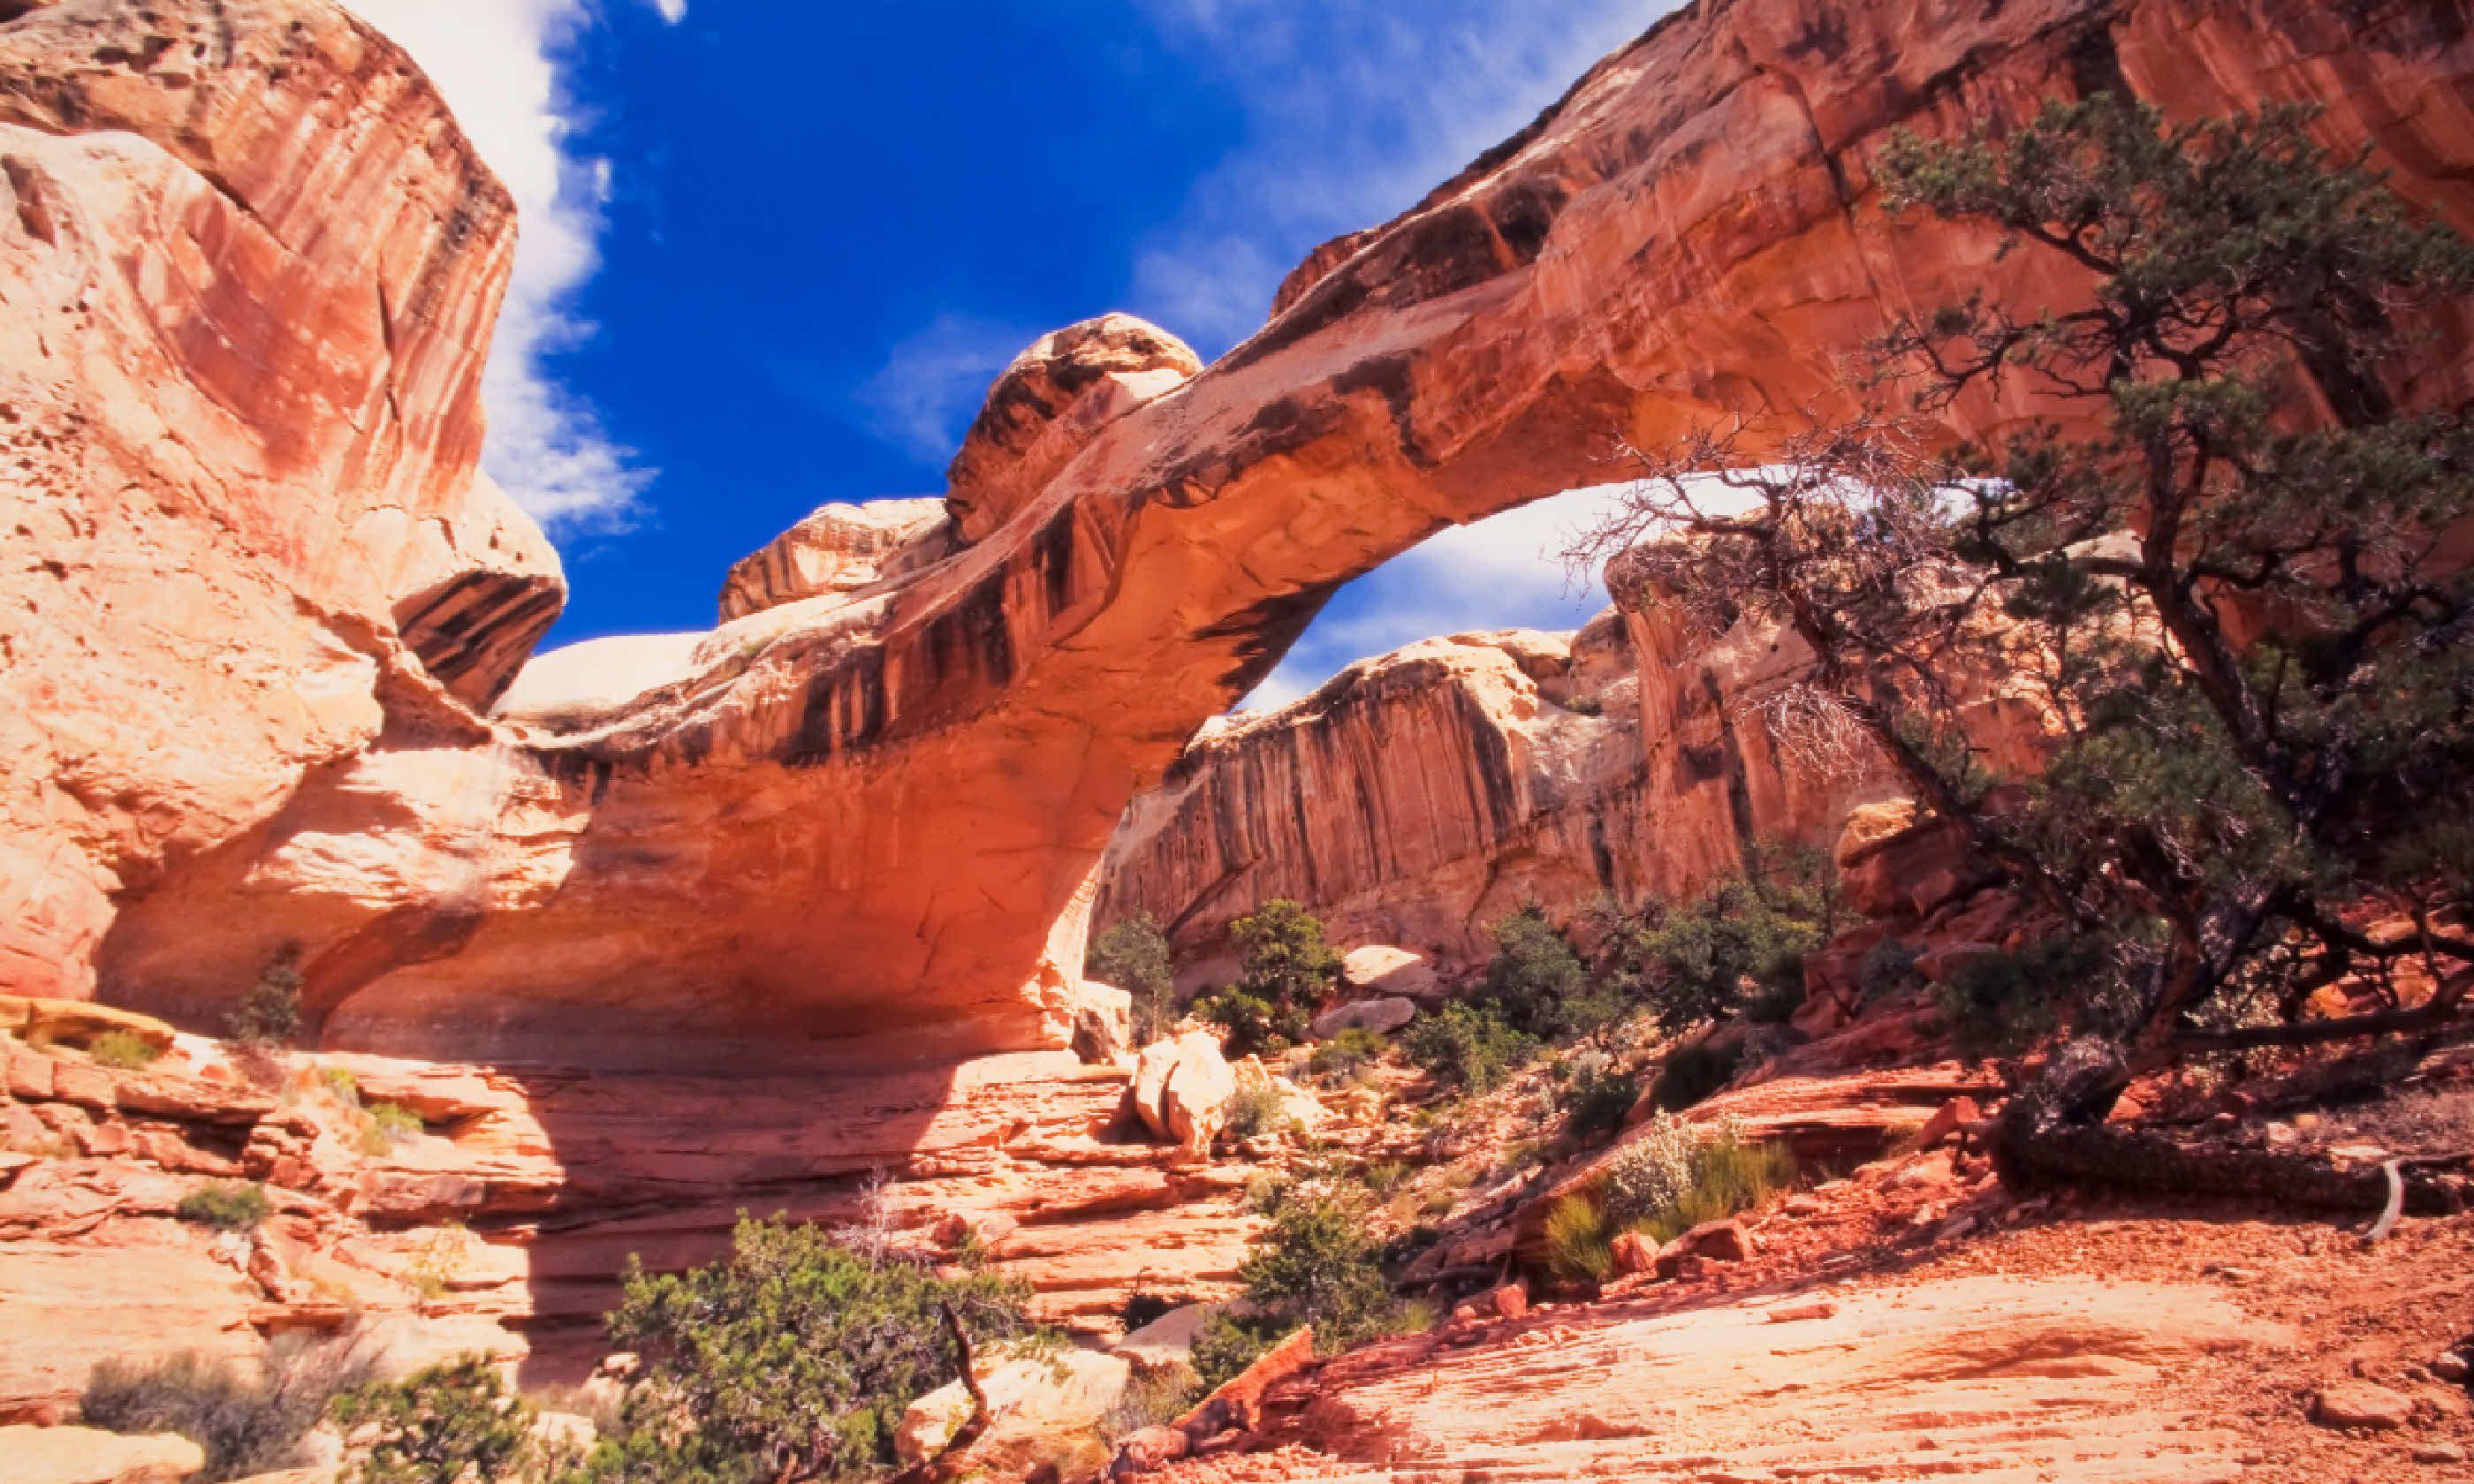 Sipapu Bridge at Natural Bridges National Monument, Utah (Shutterstock)